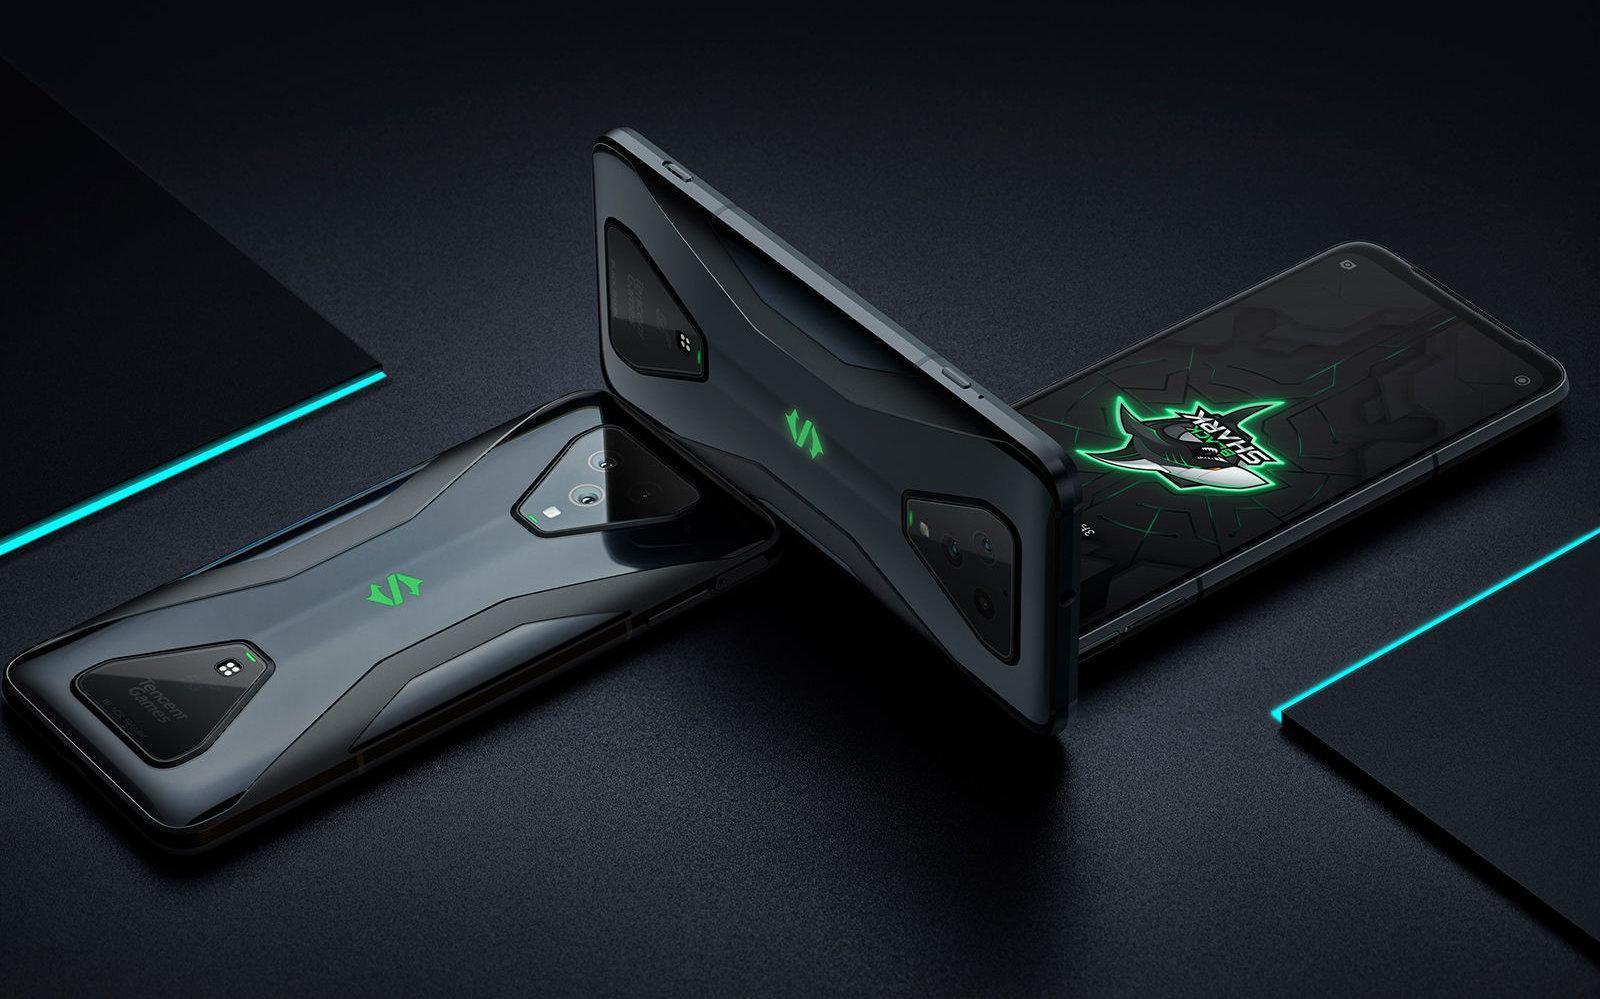 Европейские продажи игровых смартфонов Black Shark 3 и Black Shark 3 Pro стартуют 8 мая